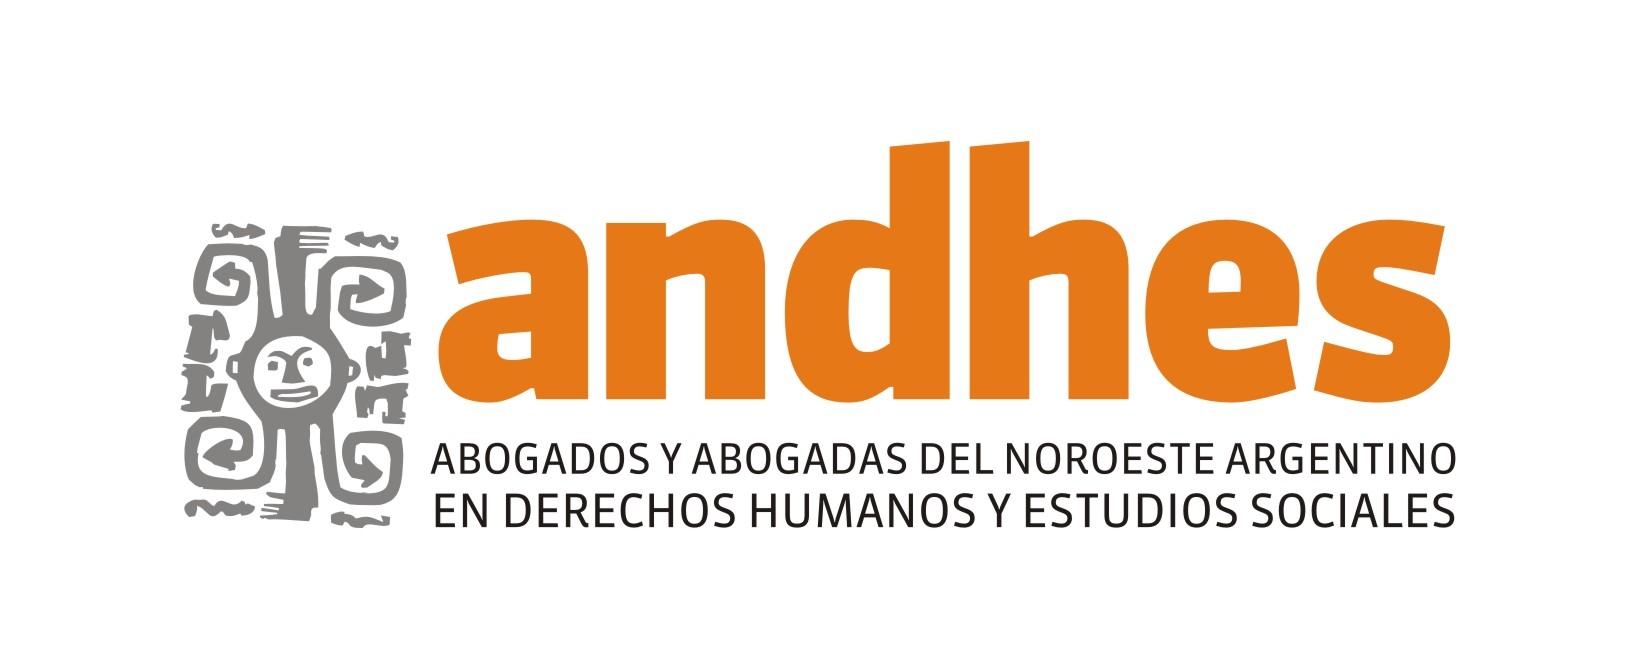 Fundación Abogados y abogadas del Noroeste Argentino en Derechos Humanos y Estudios Sociales